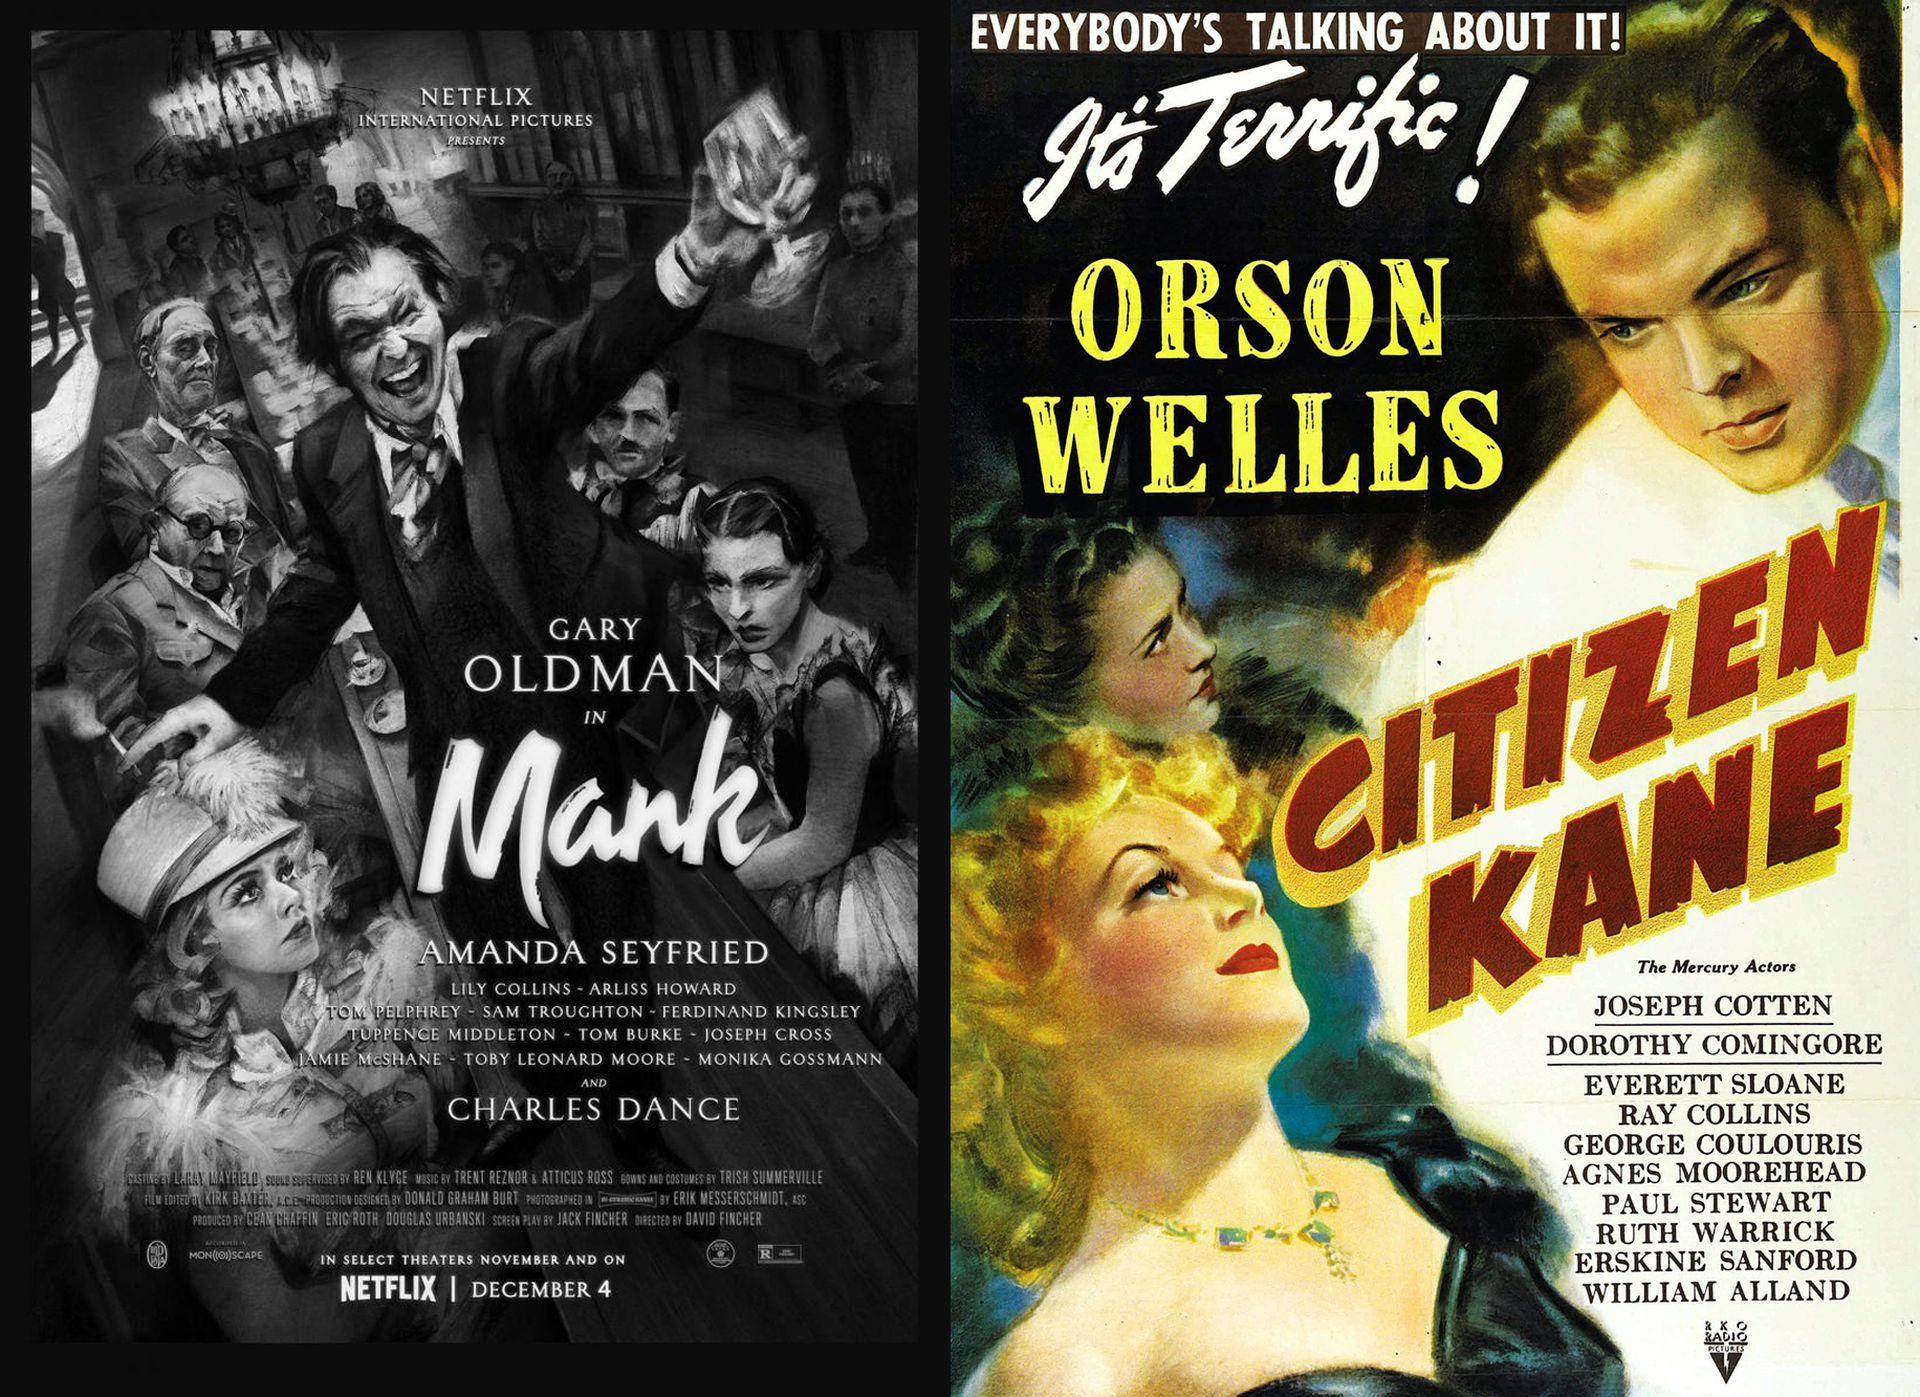 Mank y Ciudadano Kane, los filmes que compitieron por el Oscar y tienen al castillo Hearst y la vida de su propietario como inspiración.